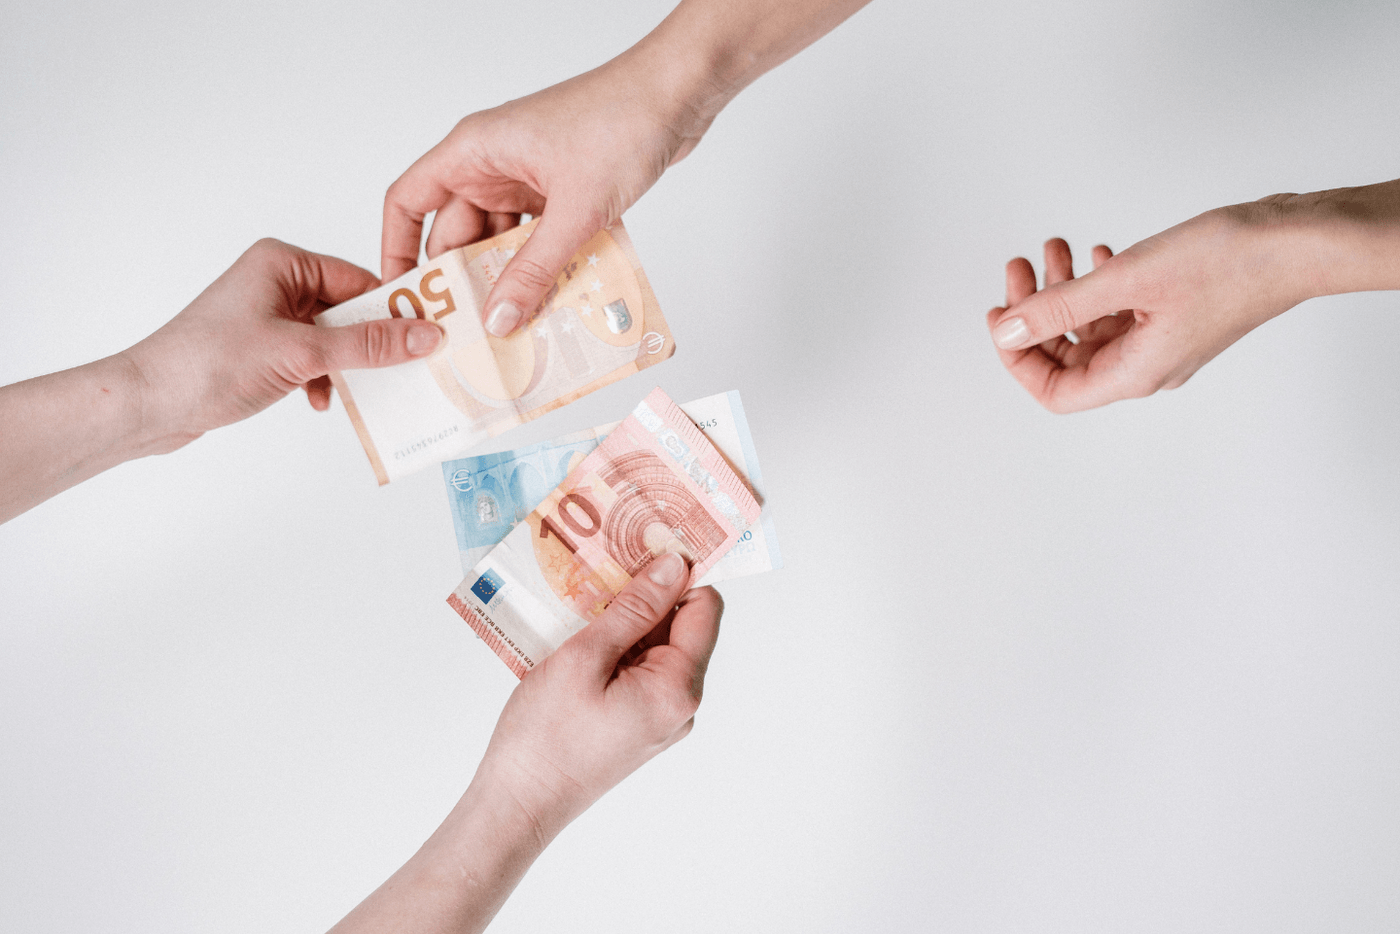 Deux mains qui s'échangent des billets en euro